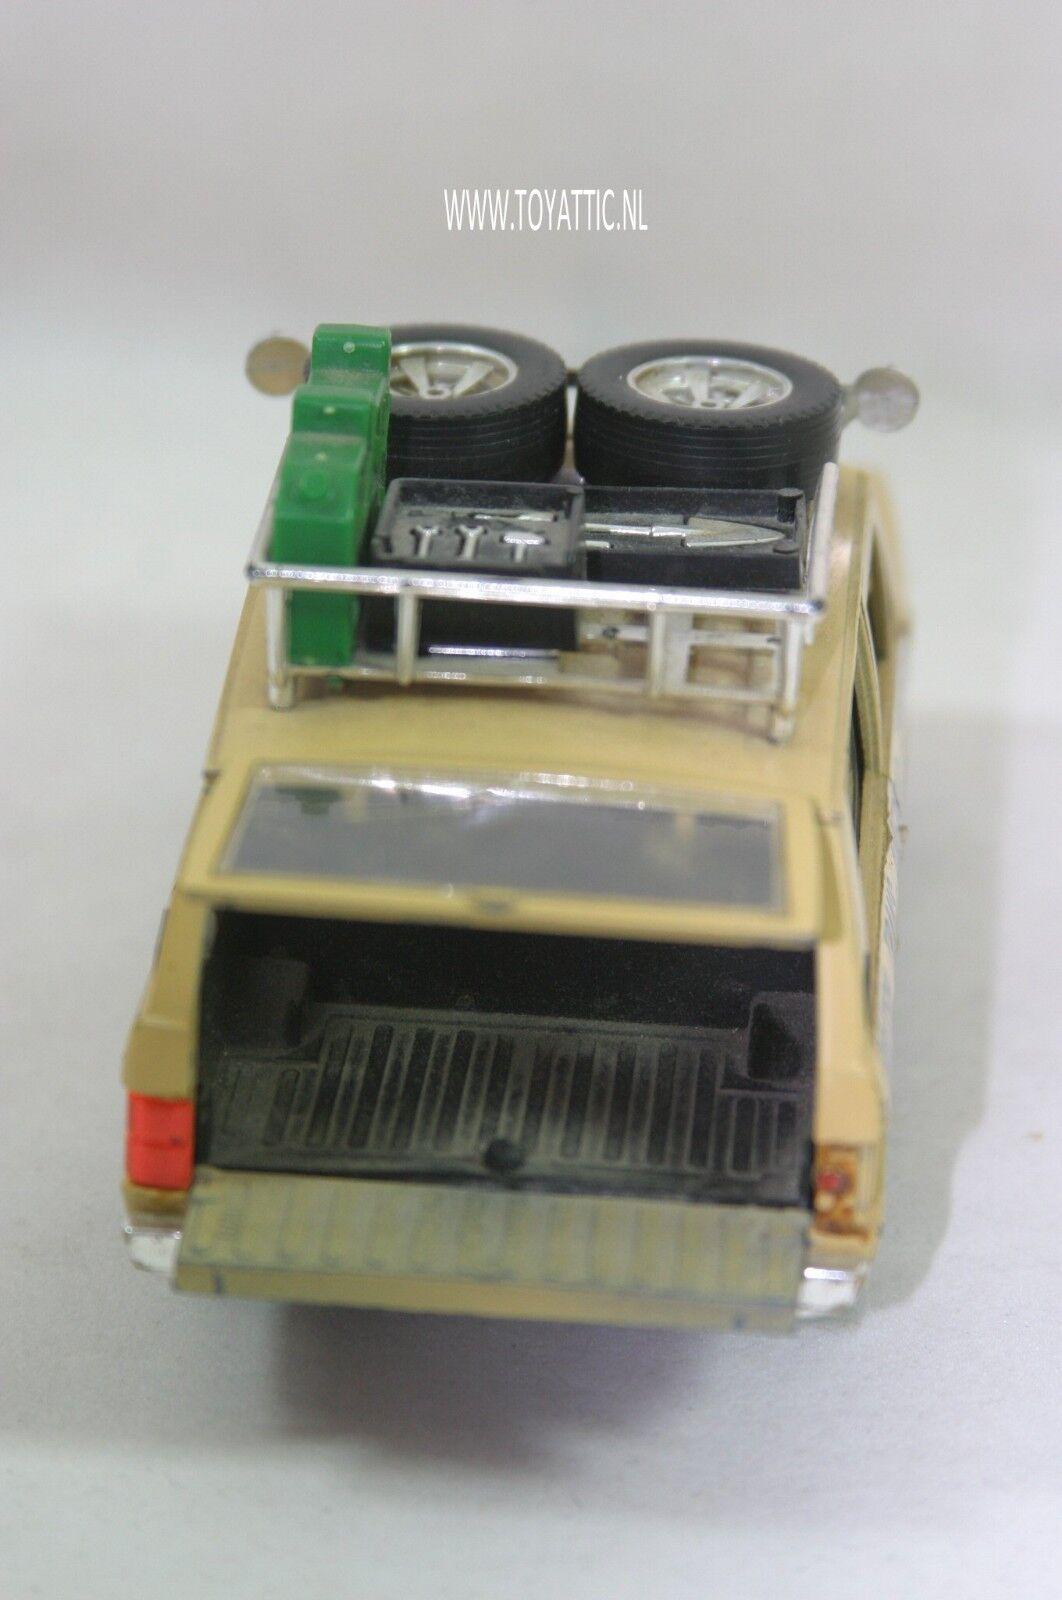 Land rover range rover britische trans - - - amerika verwendbar bis 24 von 80 ist burago 65df74